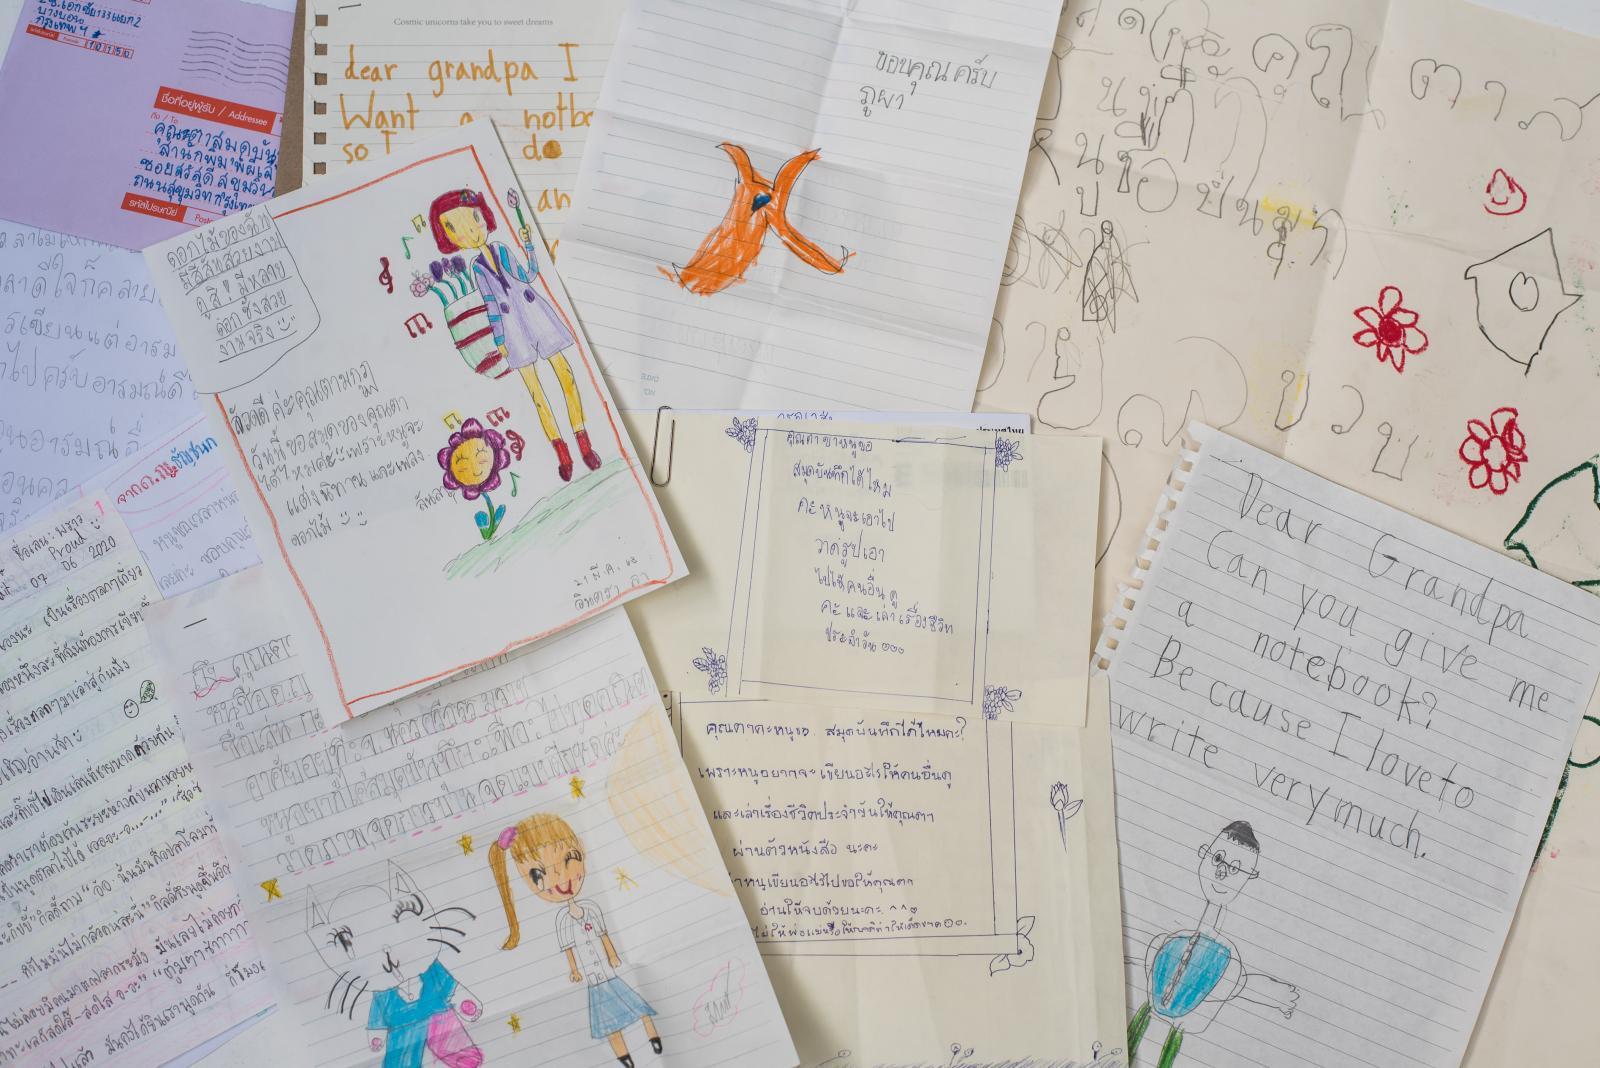 ชวนเด็กคิด อ่าน เขียน ผ่านวิธีสมุดบันทึกของศิลปินแห่งชาติ 'มกุฏ อรฤดี'